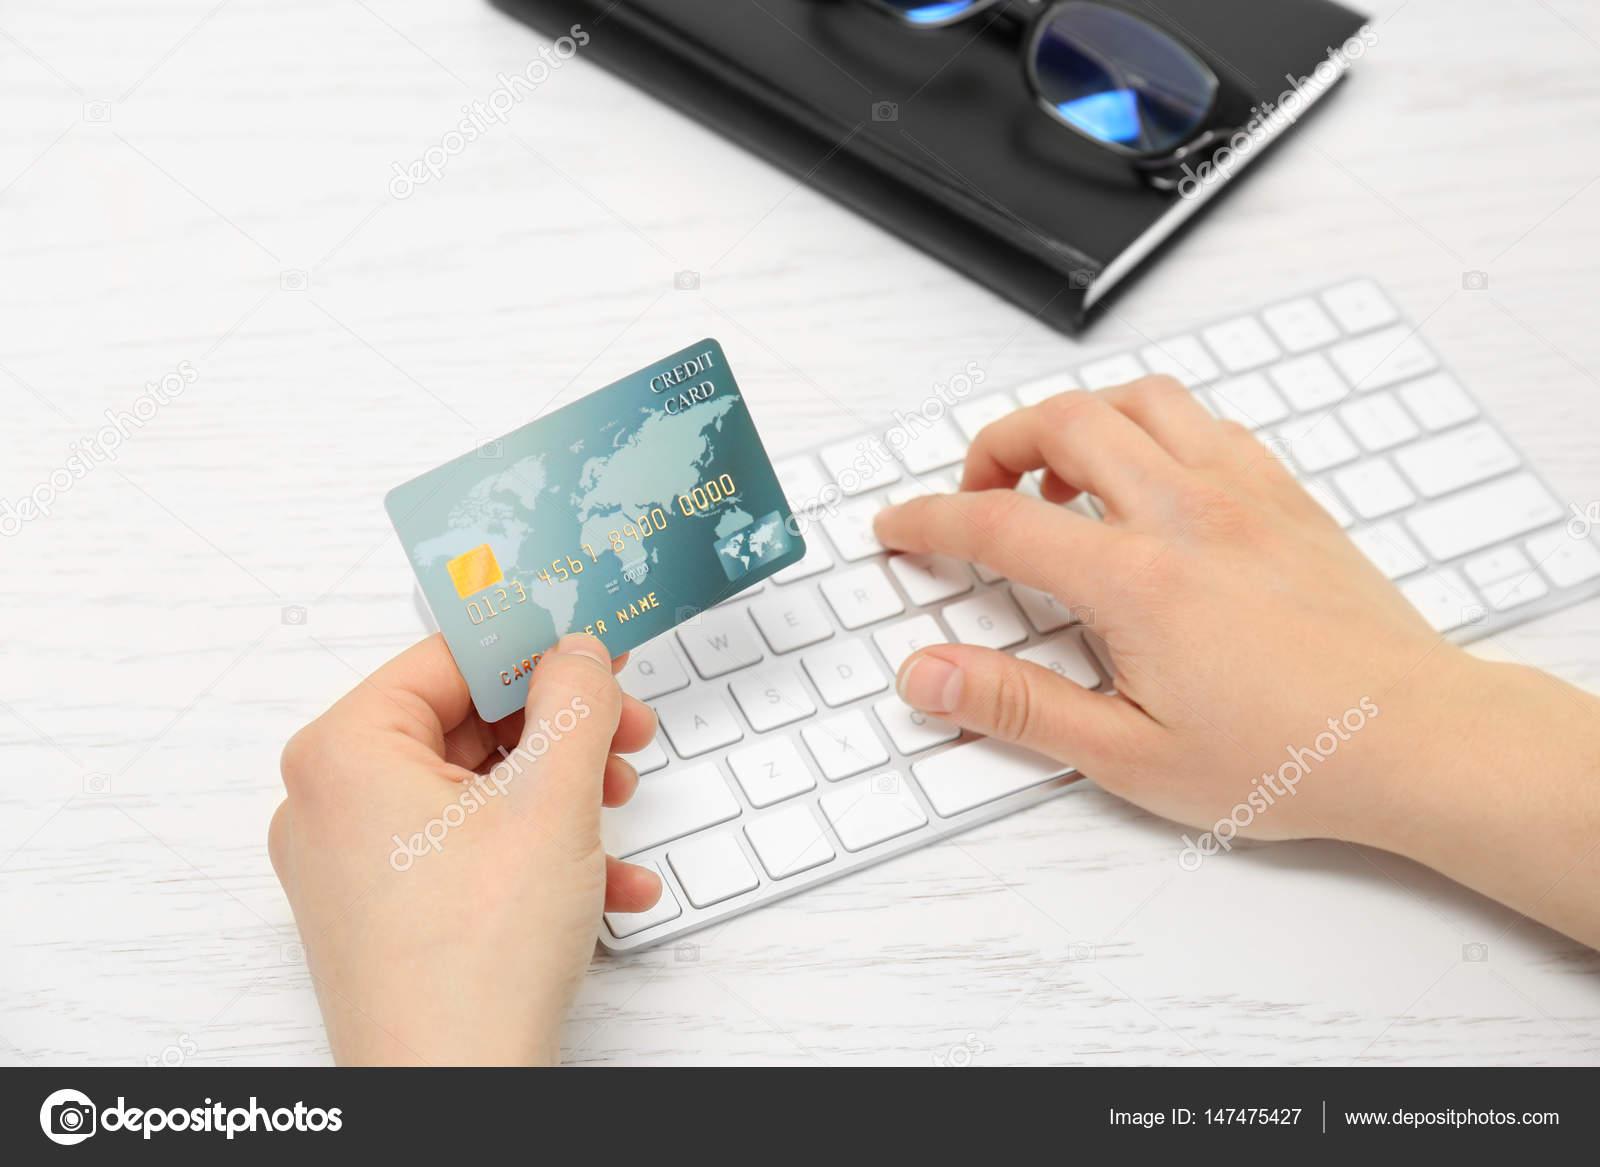 Заказ кредитной карты через интернет